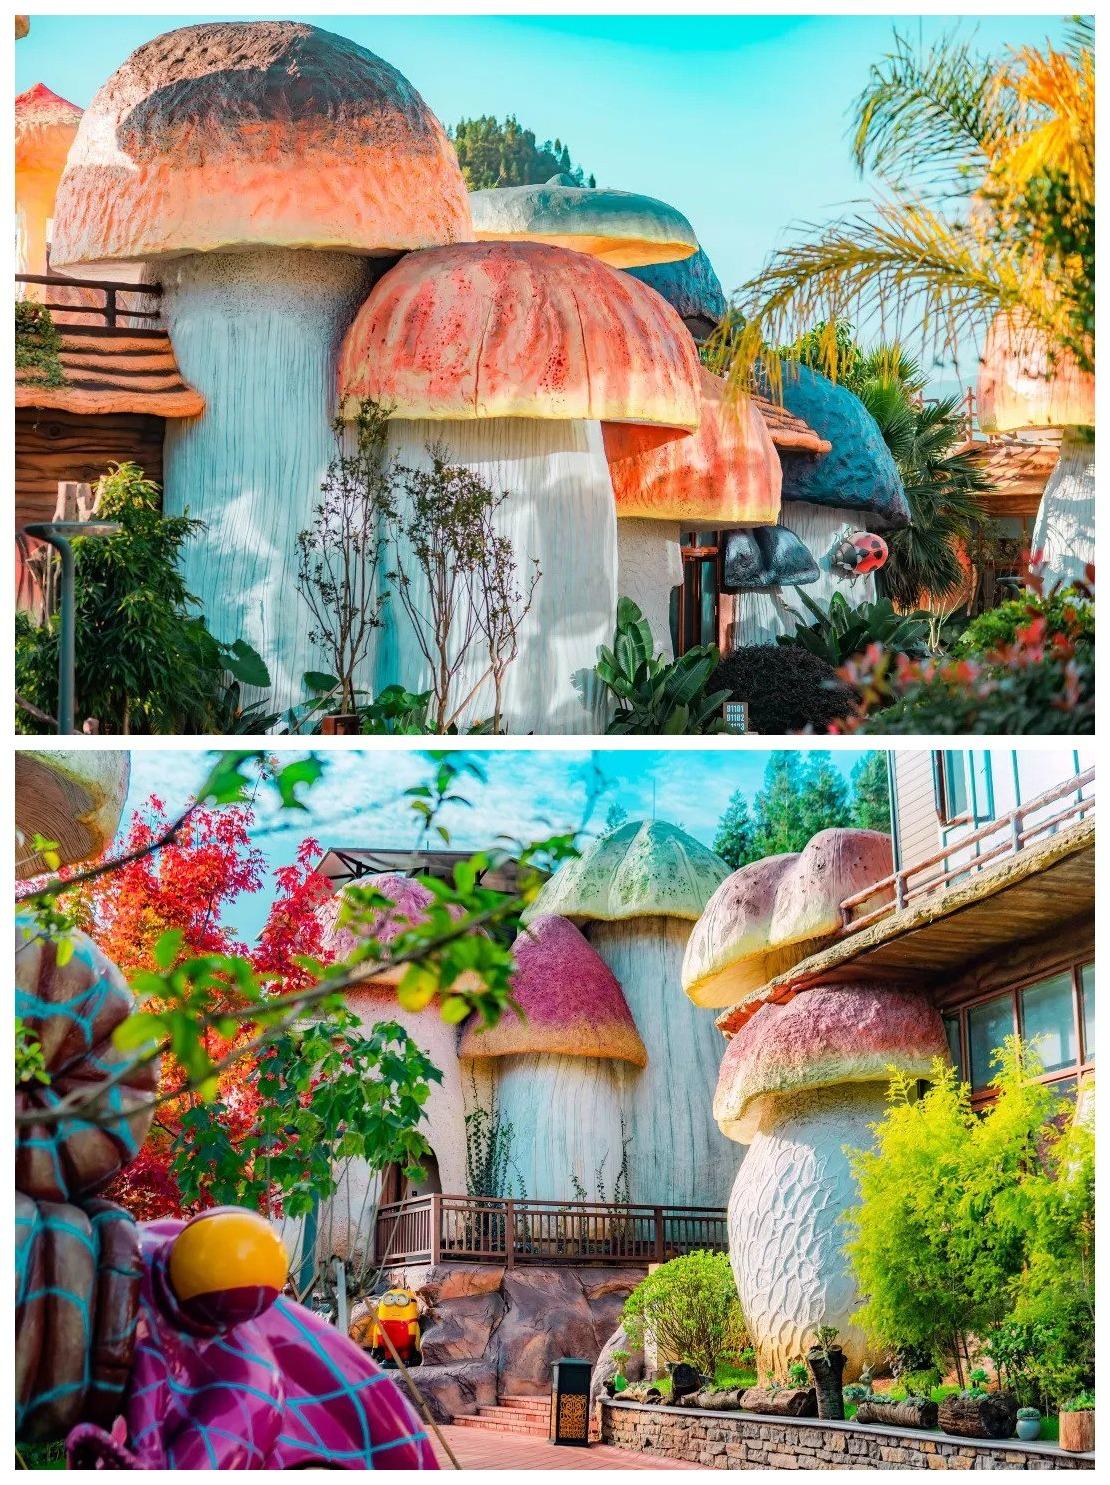 當代中國-中國旅遊-貴州旅遊-貴州-貴州蘑菇酒店-01